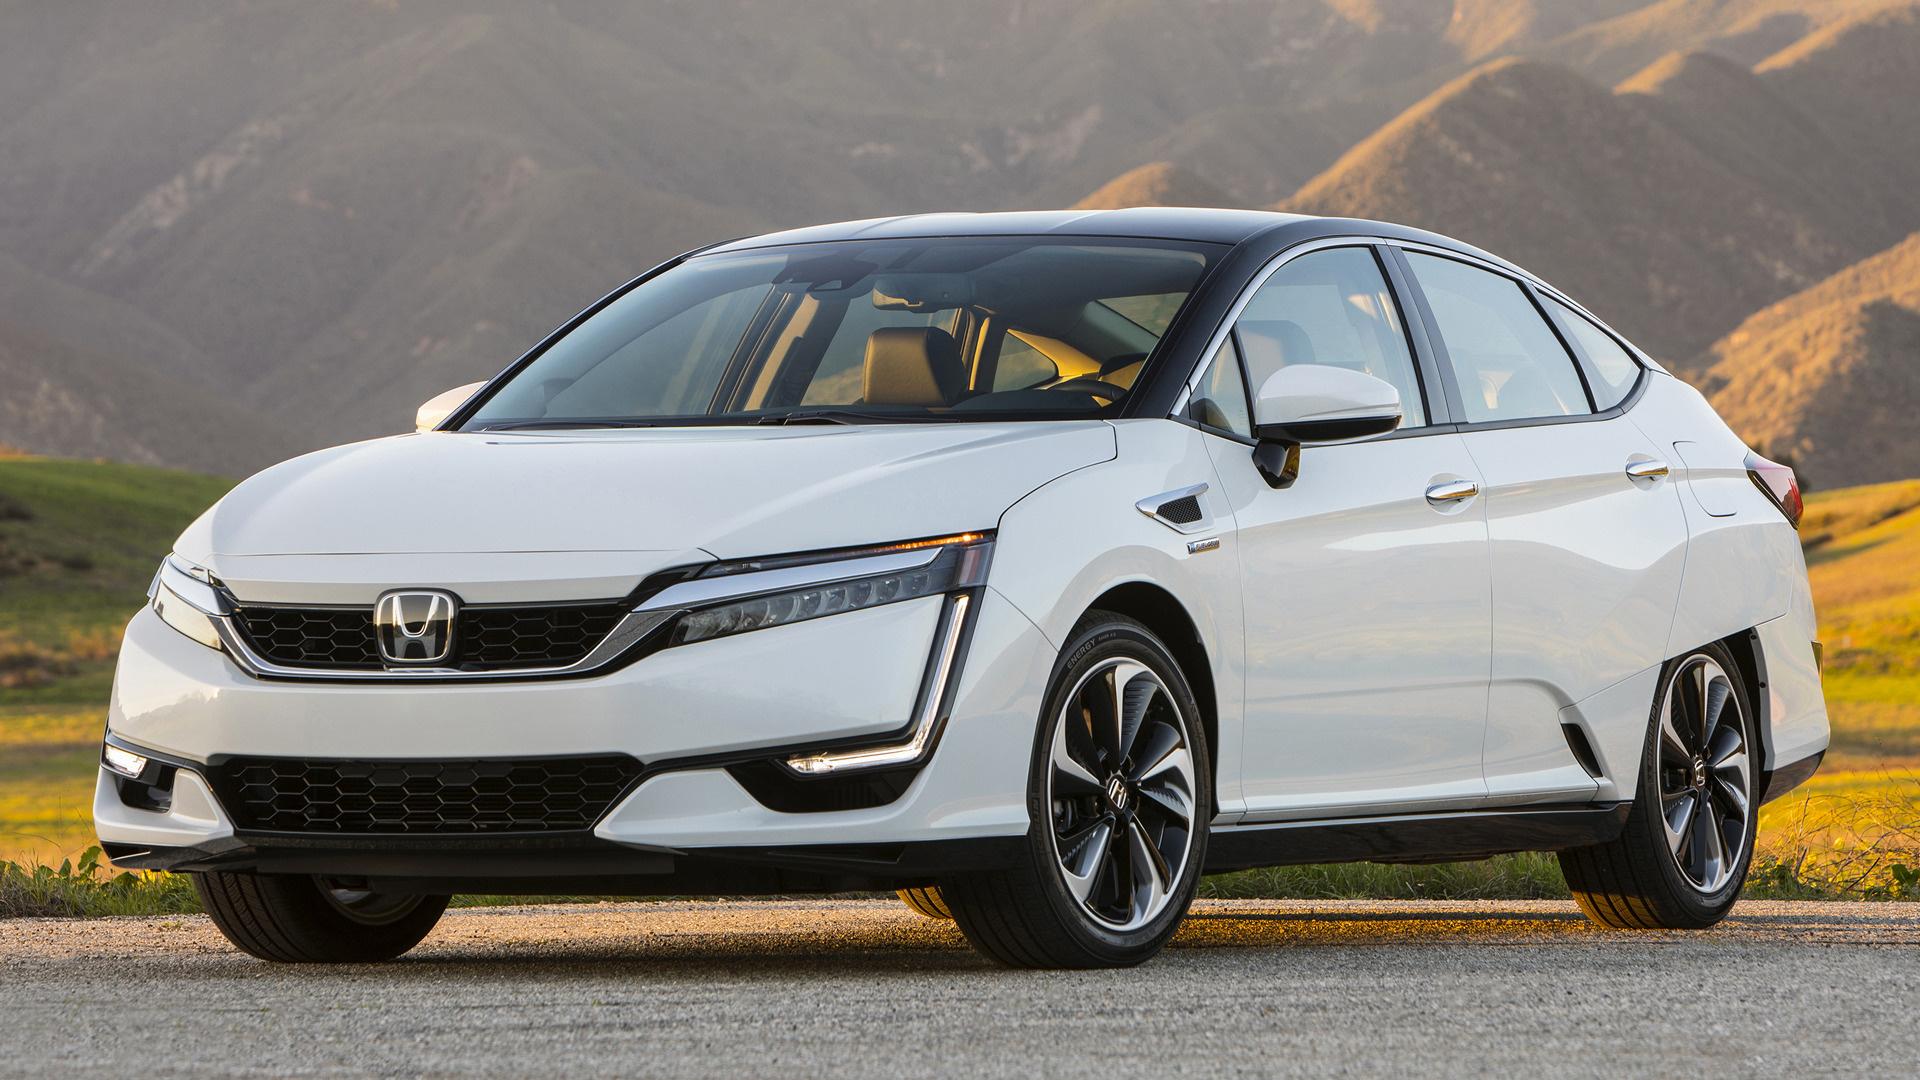 La complicada ingenieria dentro del nuevo híbrido clarity de Honda